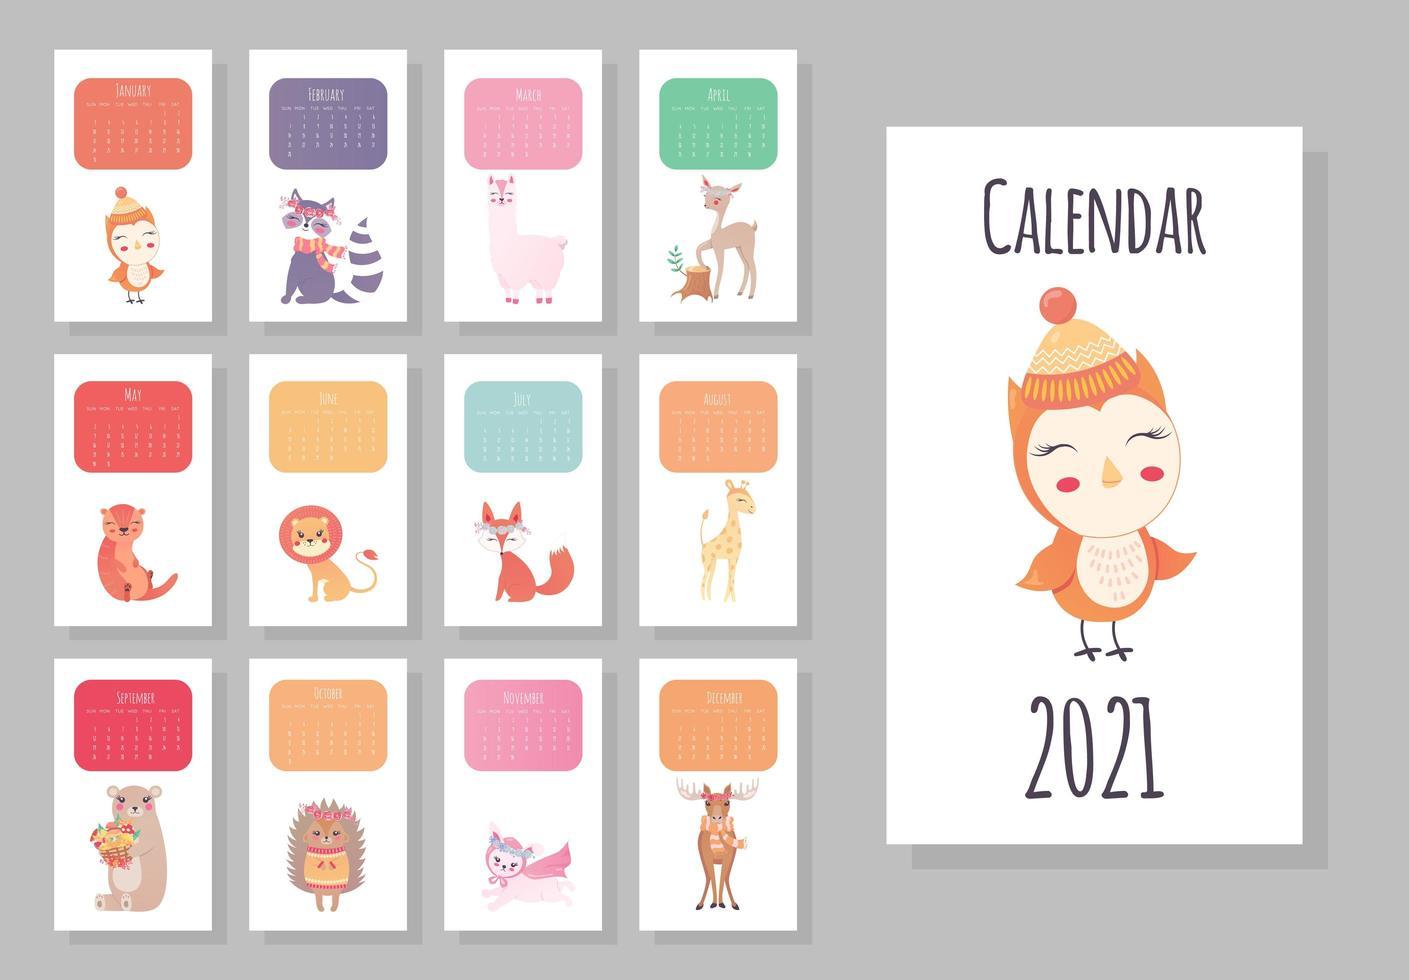 Calendario mensile 2021 con simpatici animali   Scarica Immagini